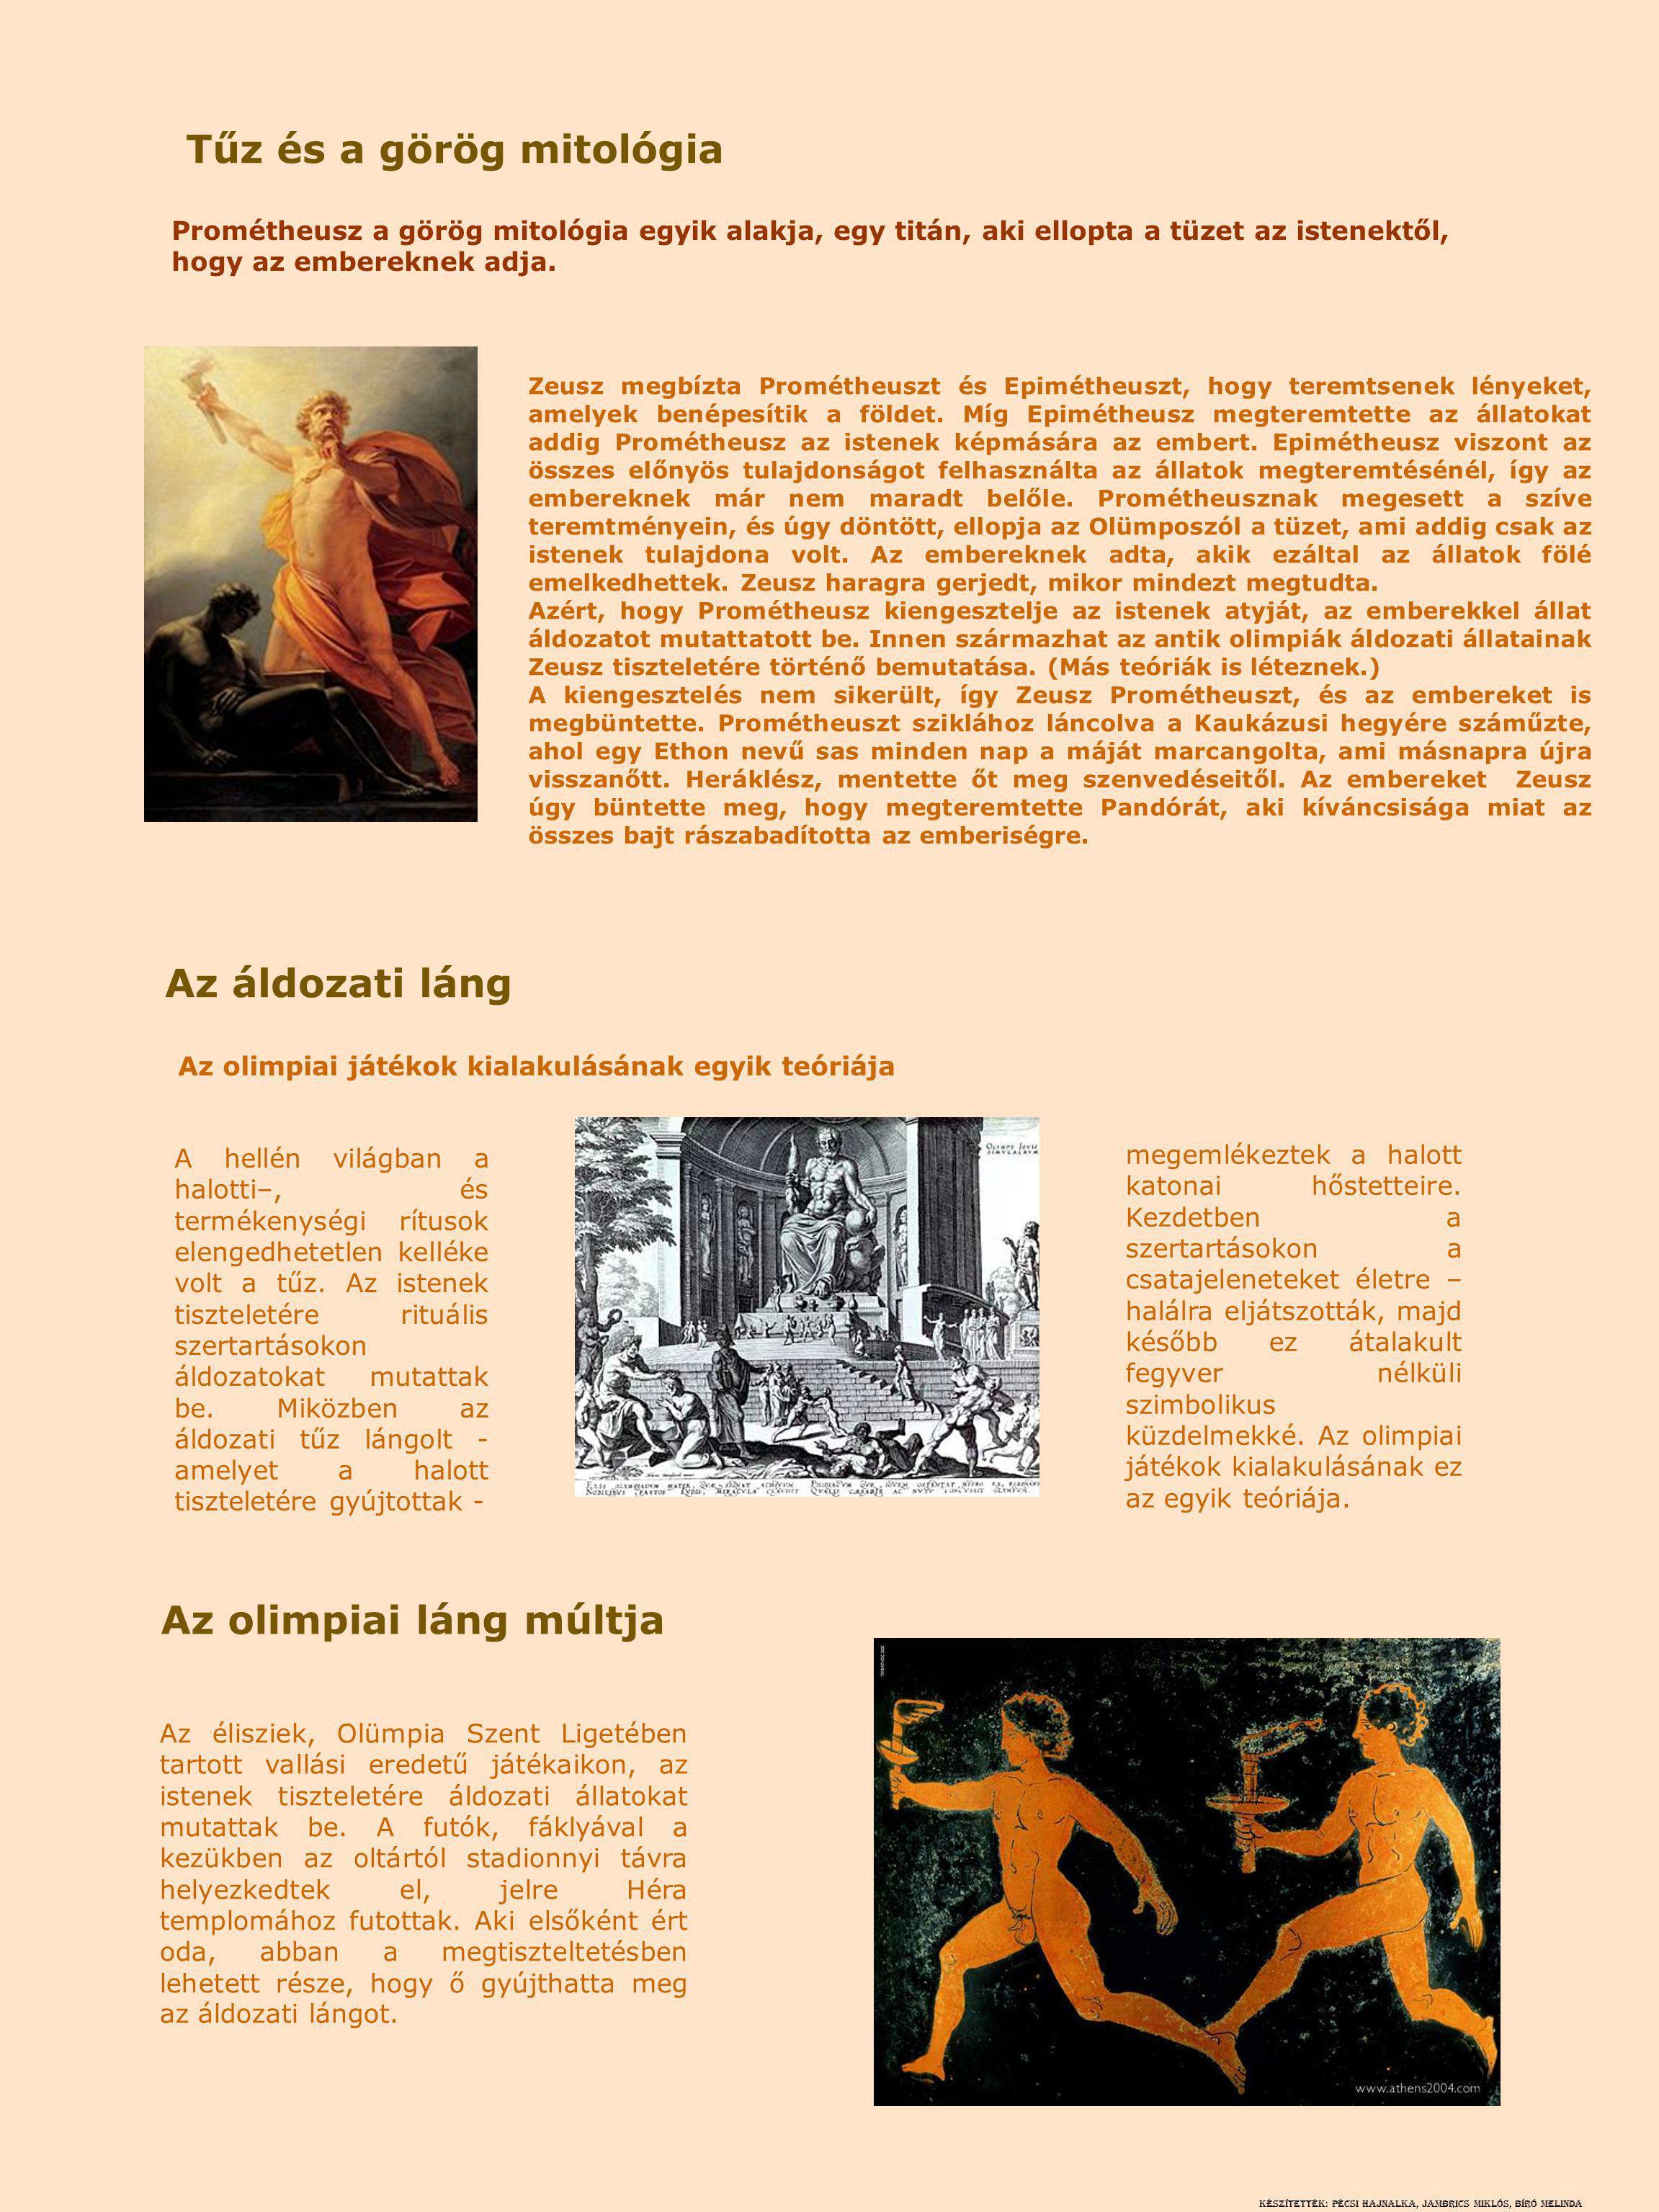 Tűz és a görög mitológia Az olimpiai láng múltja